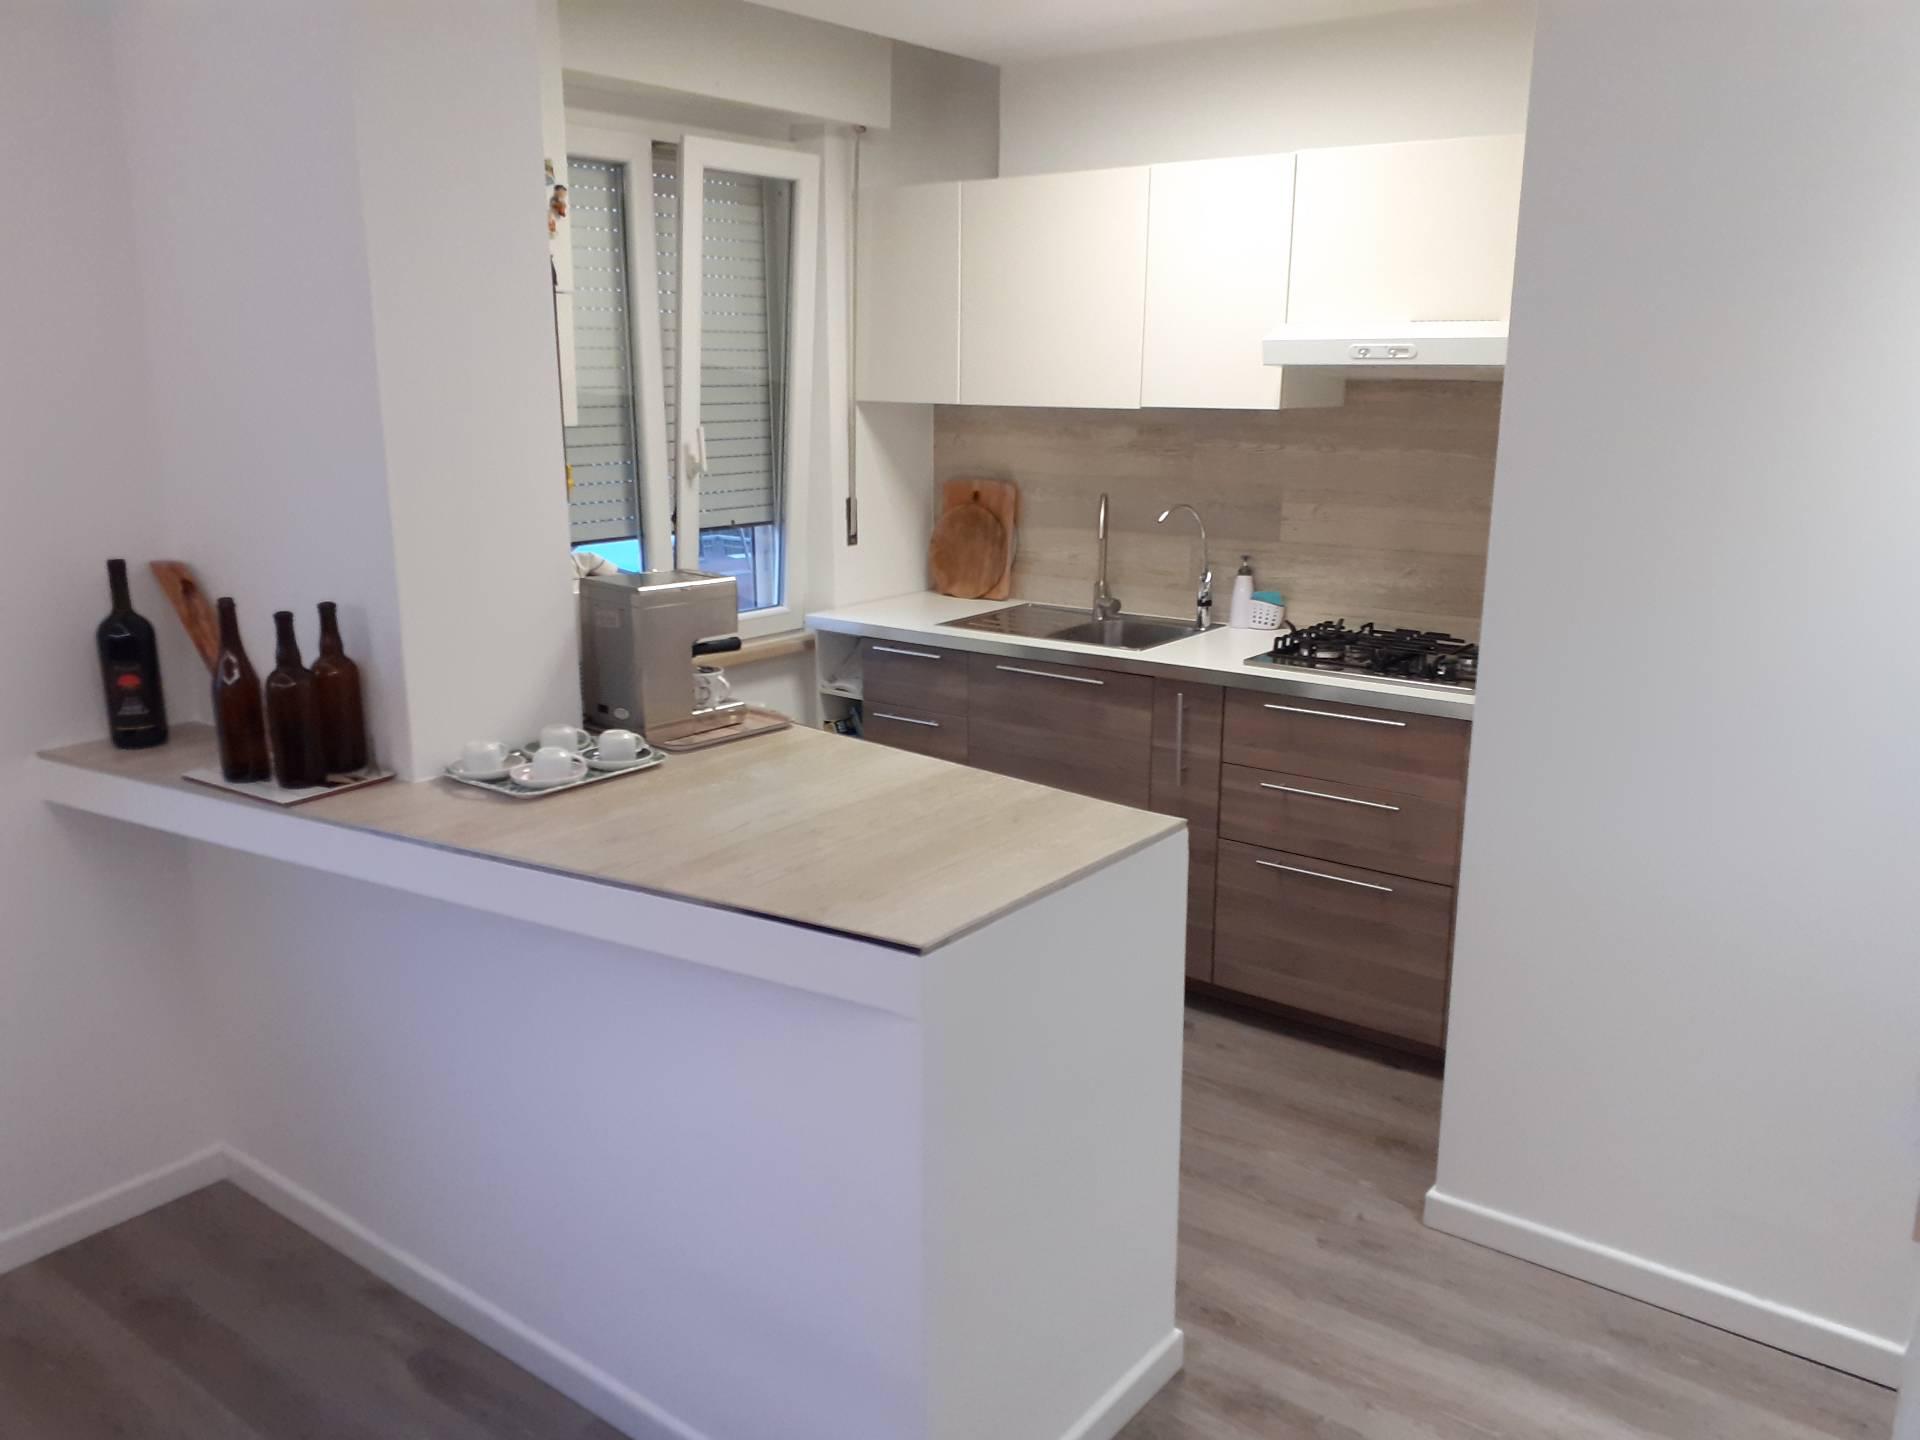 Appartamento in vendita a Porto Recanati, 6 locali, zona Località: Centrostorico, prezzo € 229.000 | CambioCasa.it